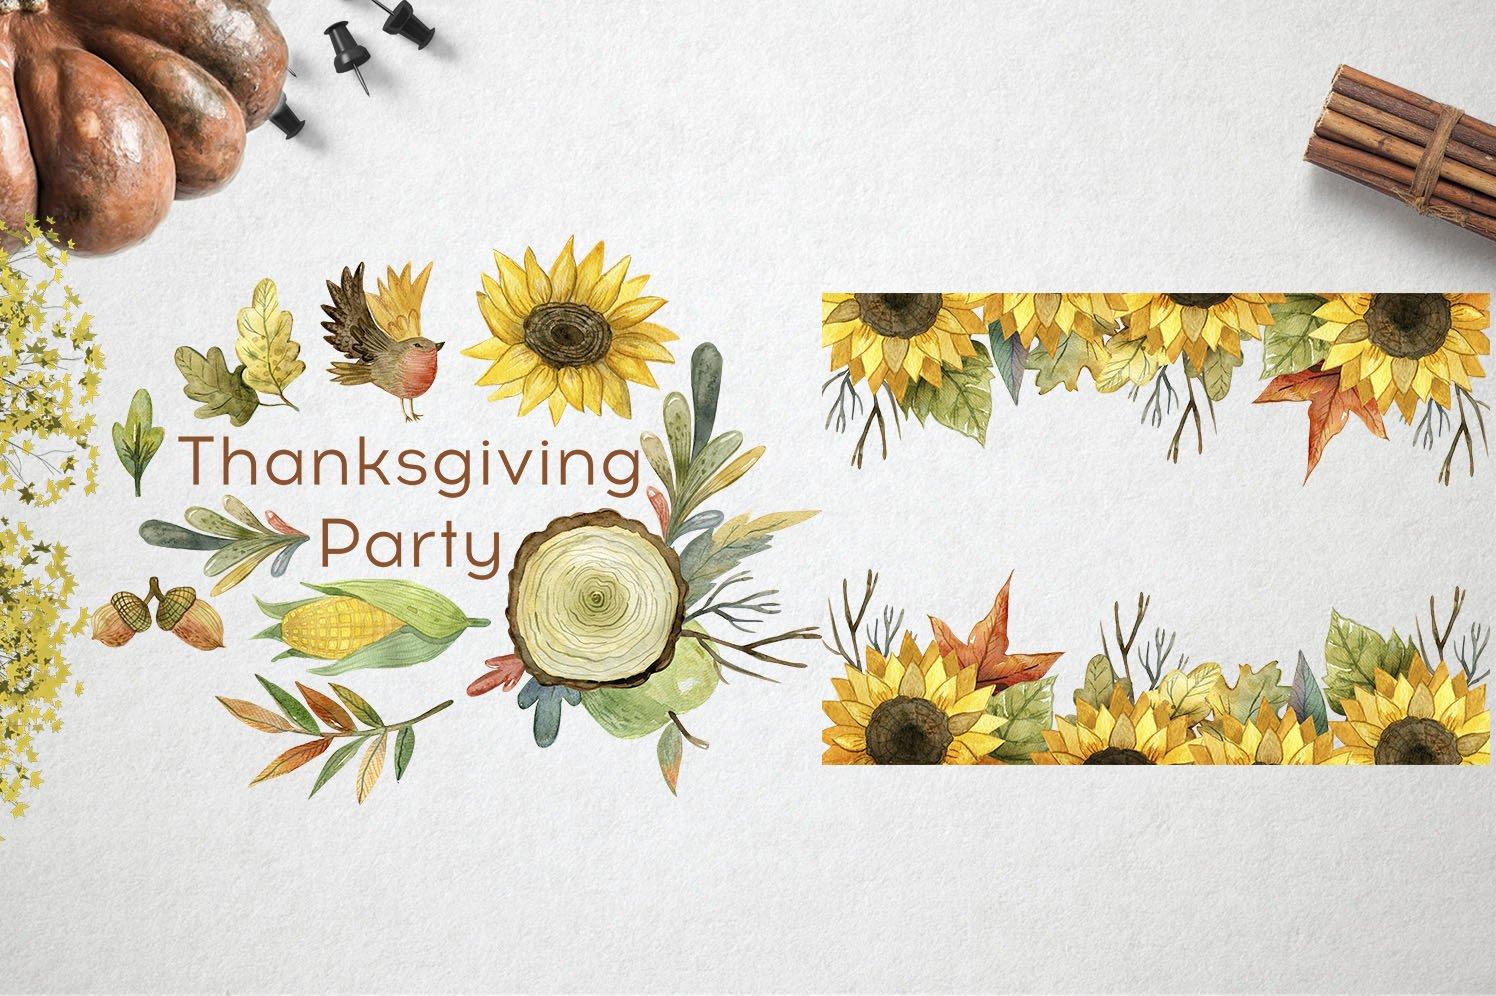 复古手绘秋季感恩节元素水彩插图素材 Watercolor Thanksgiving Day插图(2)